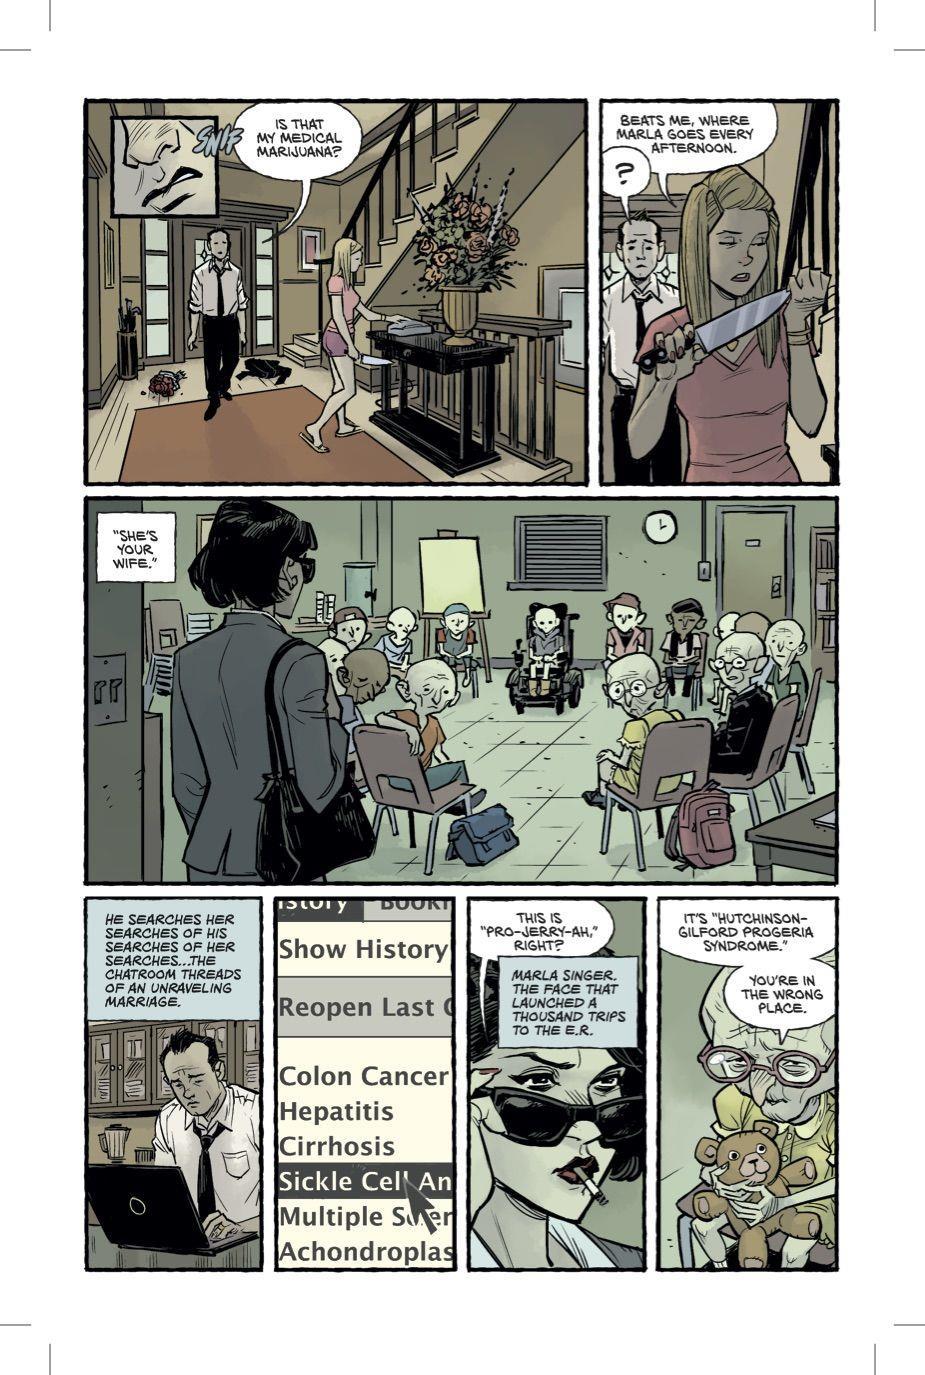 Quarta pagina del fumetto Fight Club 2